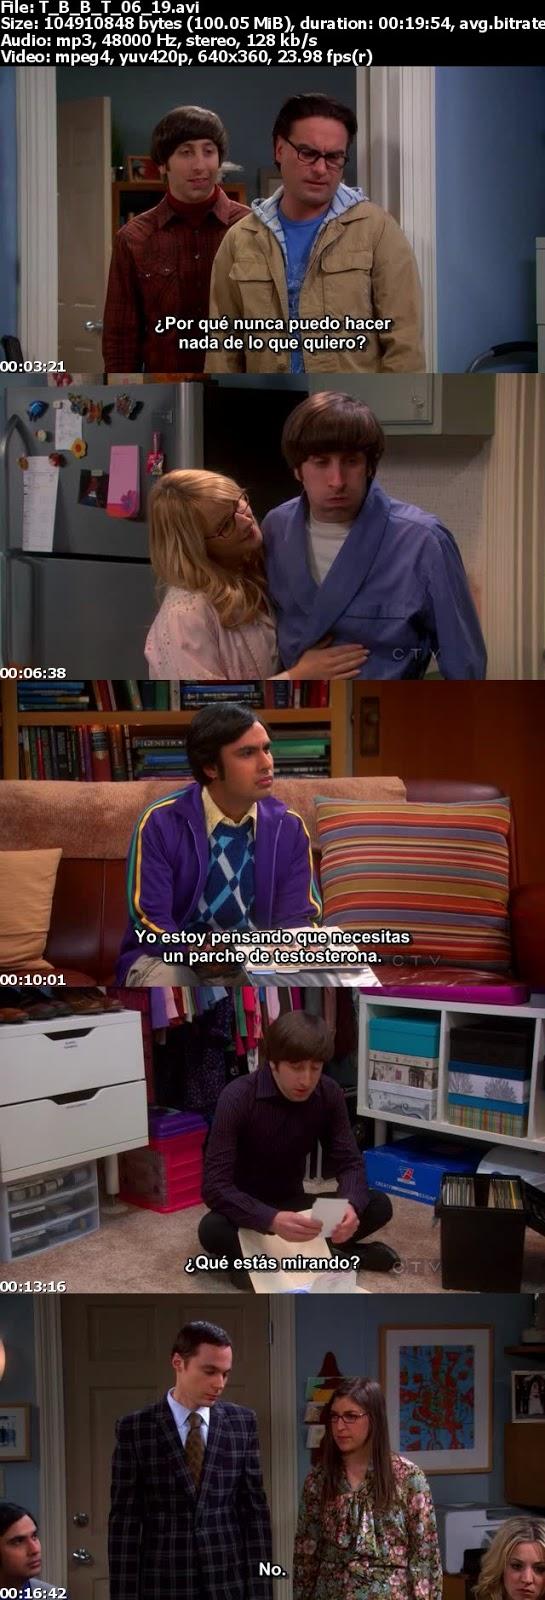 Big bang theory s01e01 subtitles   Watch The Big Bang Theory